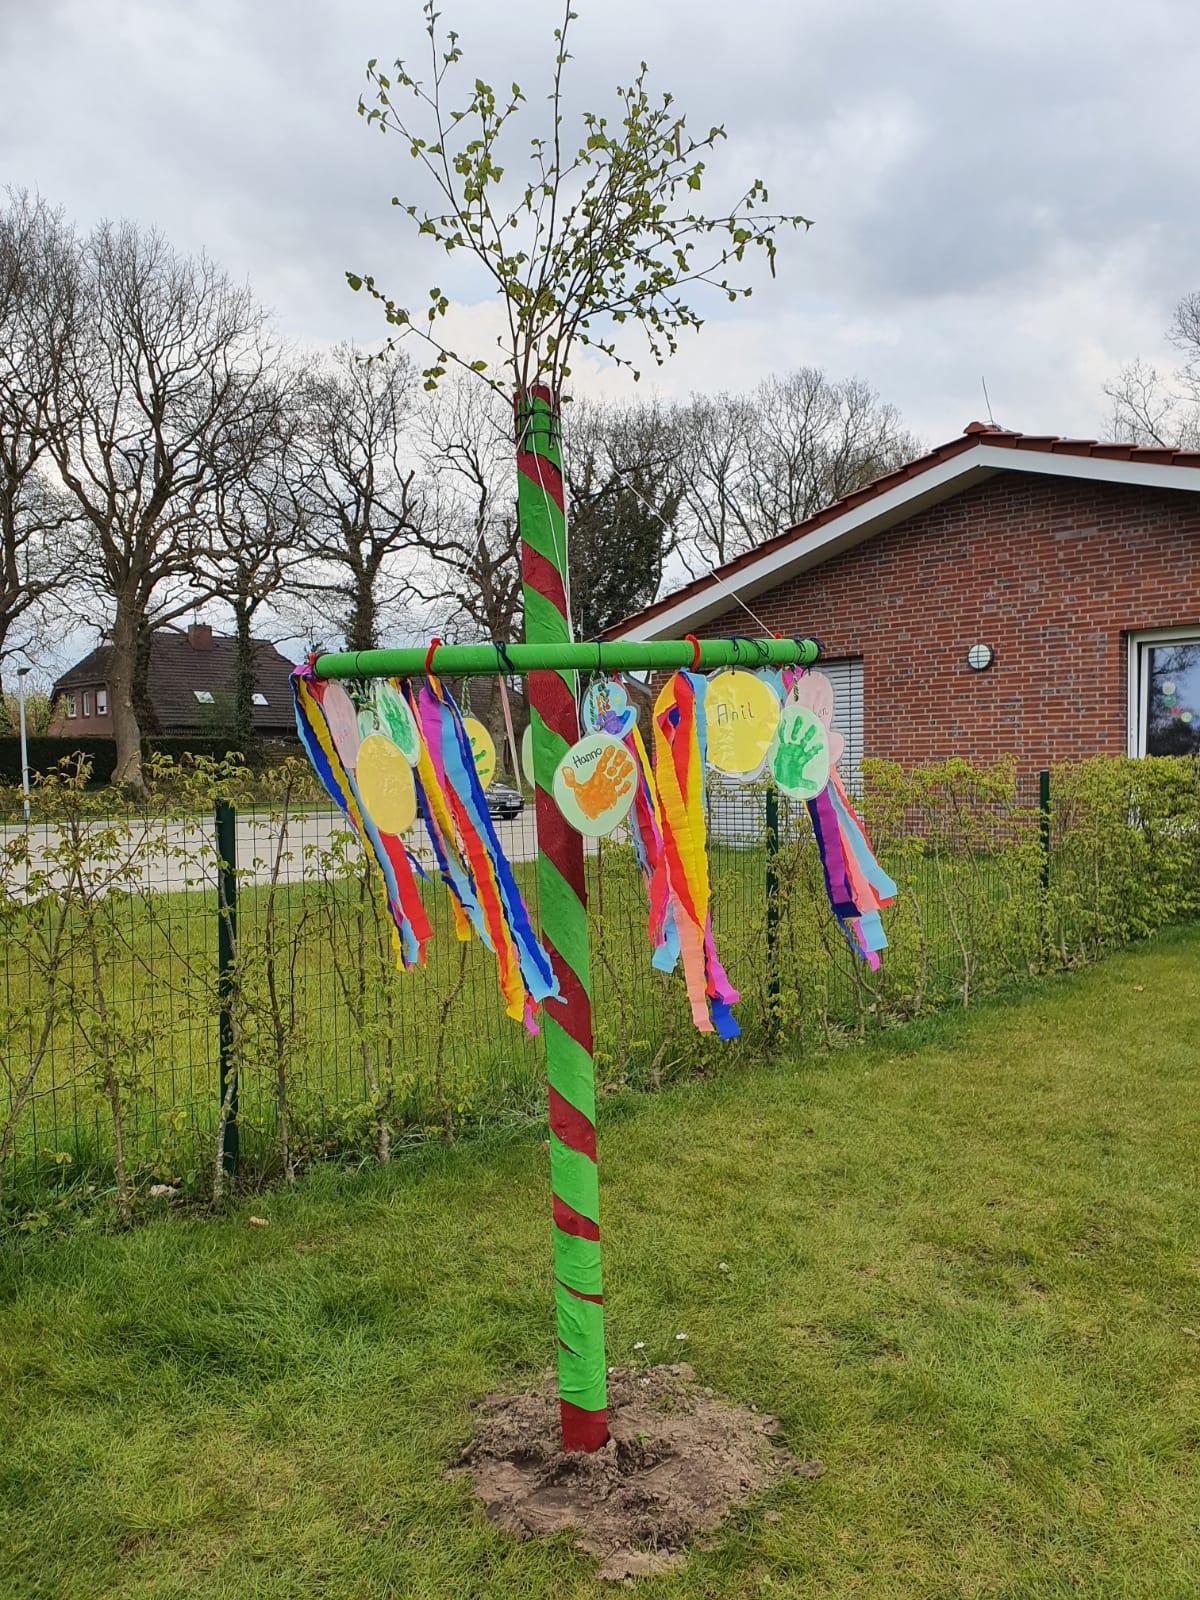 """Am 3. Mai wurde bei uns in der Kinderkrippe der 1. Maibaum aufgestellt. Die Kinder die derzeit nicht in der Notbetreuung sind, haben uns tolle selbstgemachte Maibäume vorbeigebracht. Unsere Kollegin Hannelore hat für unsere Maibaumfeier sogar gedichtet: """"Auf dem Krippengelände steht nun unser Baum, gemacht von Kinderhänden und so schön man glaubt es kaum."""""""